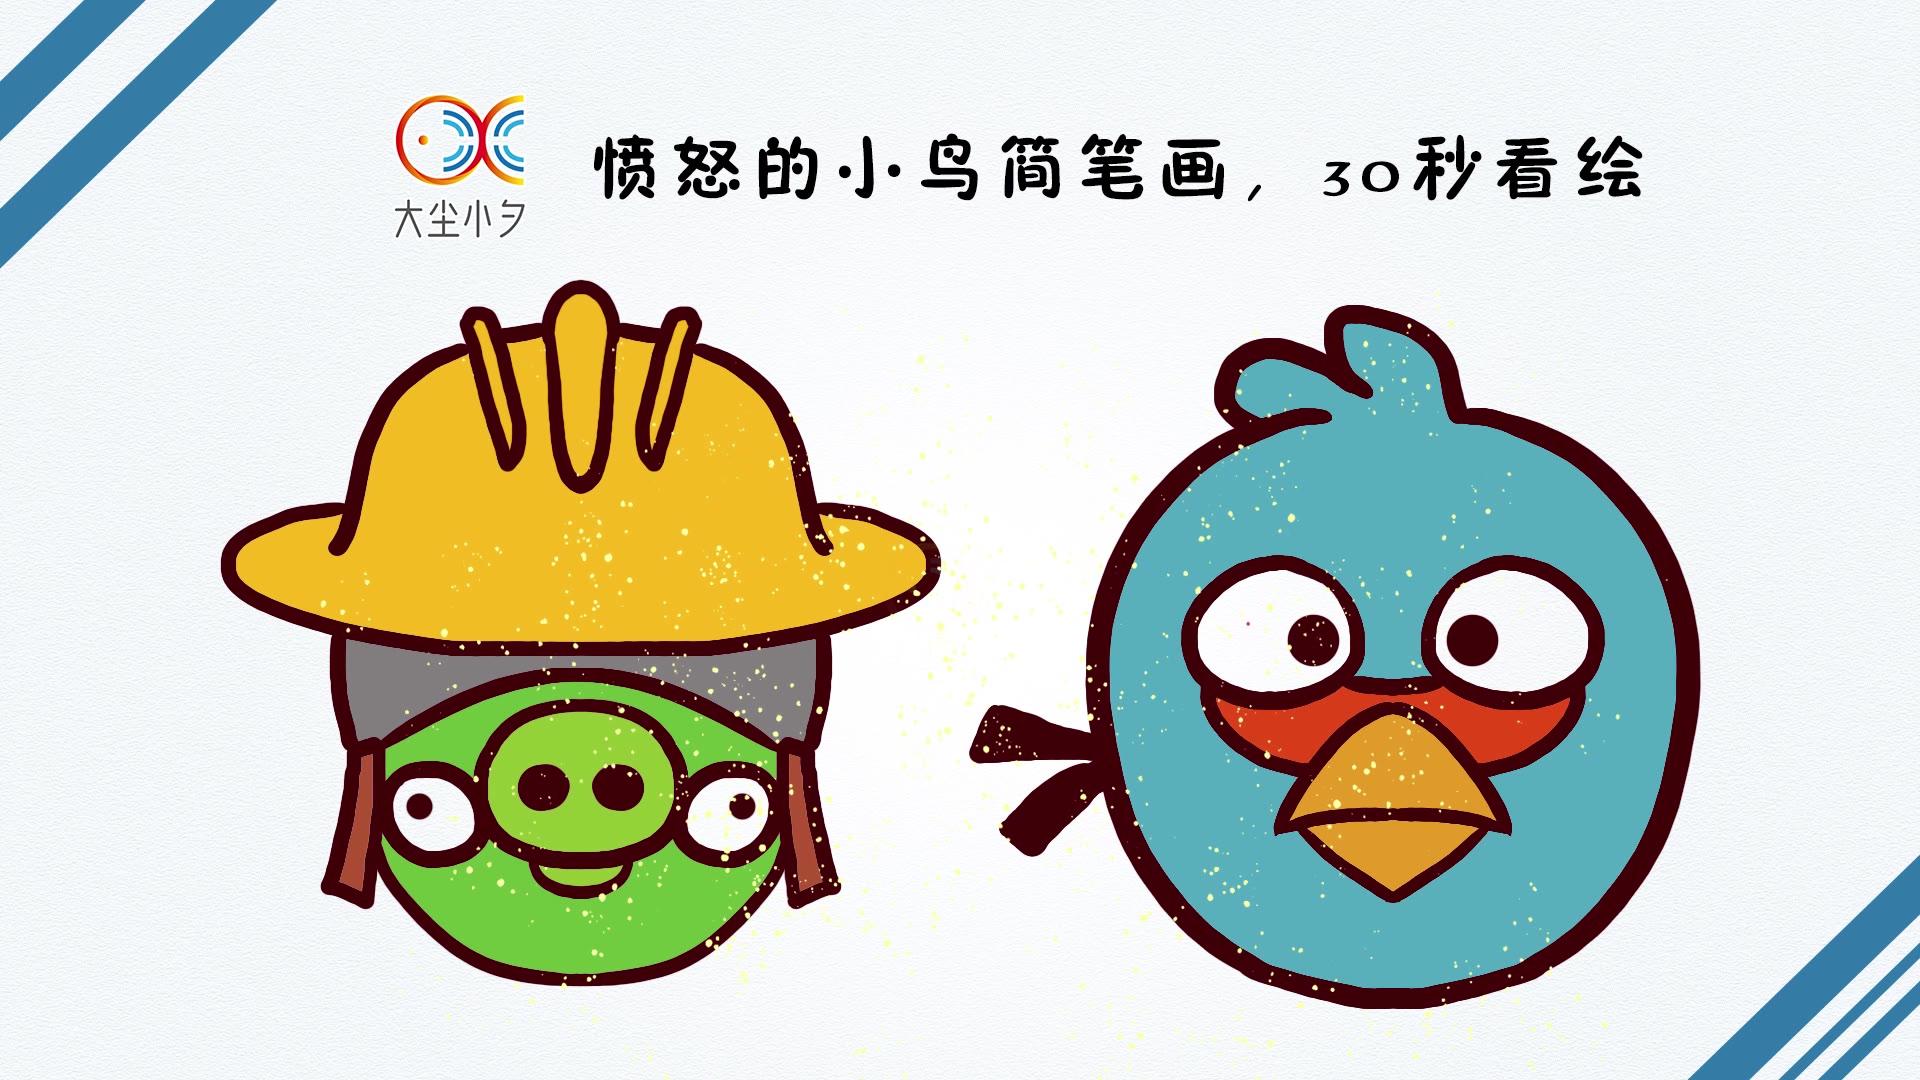 愤怒的小鸟简笔画,30秒看绘3